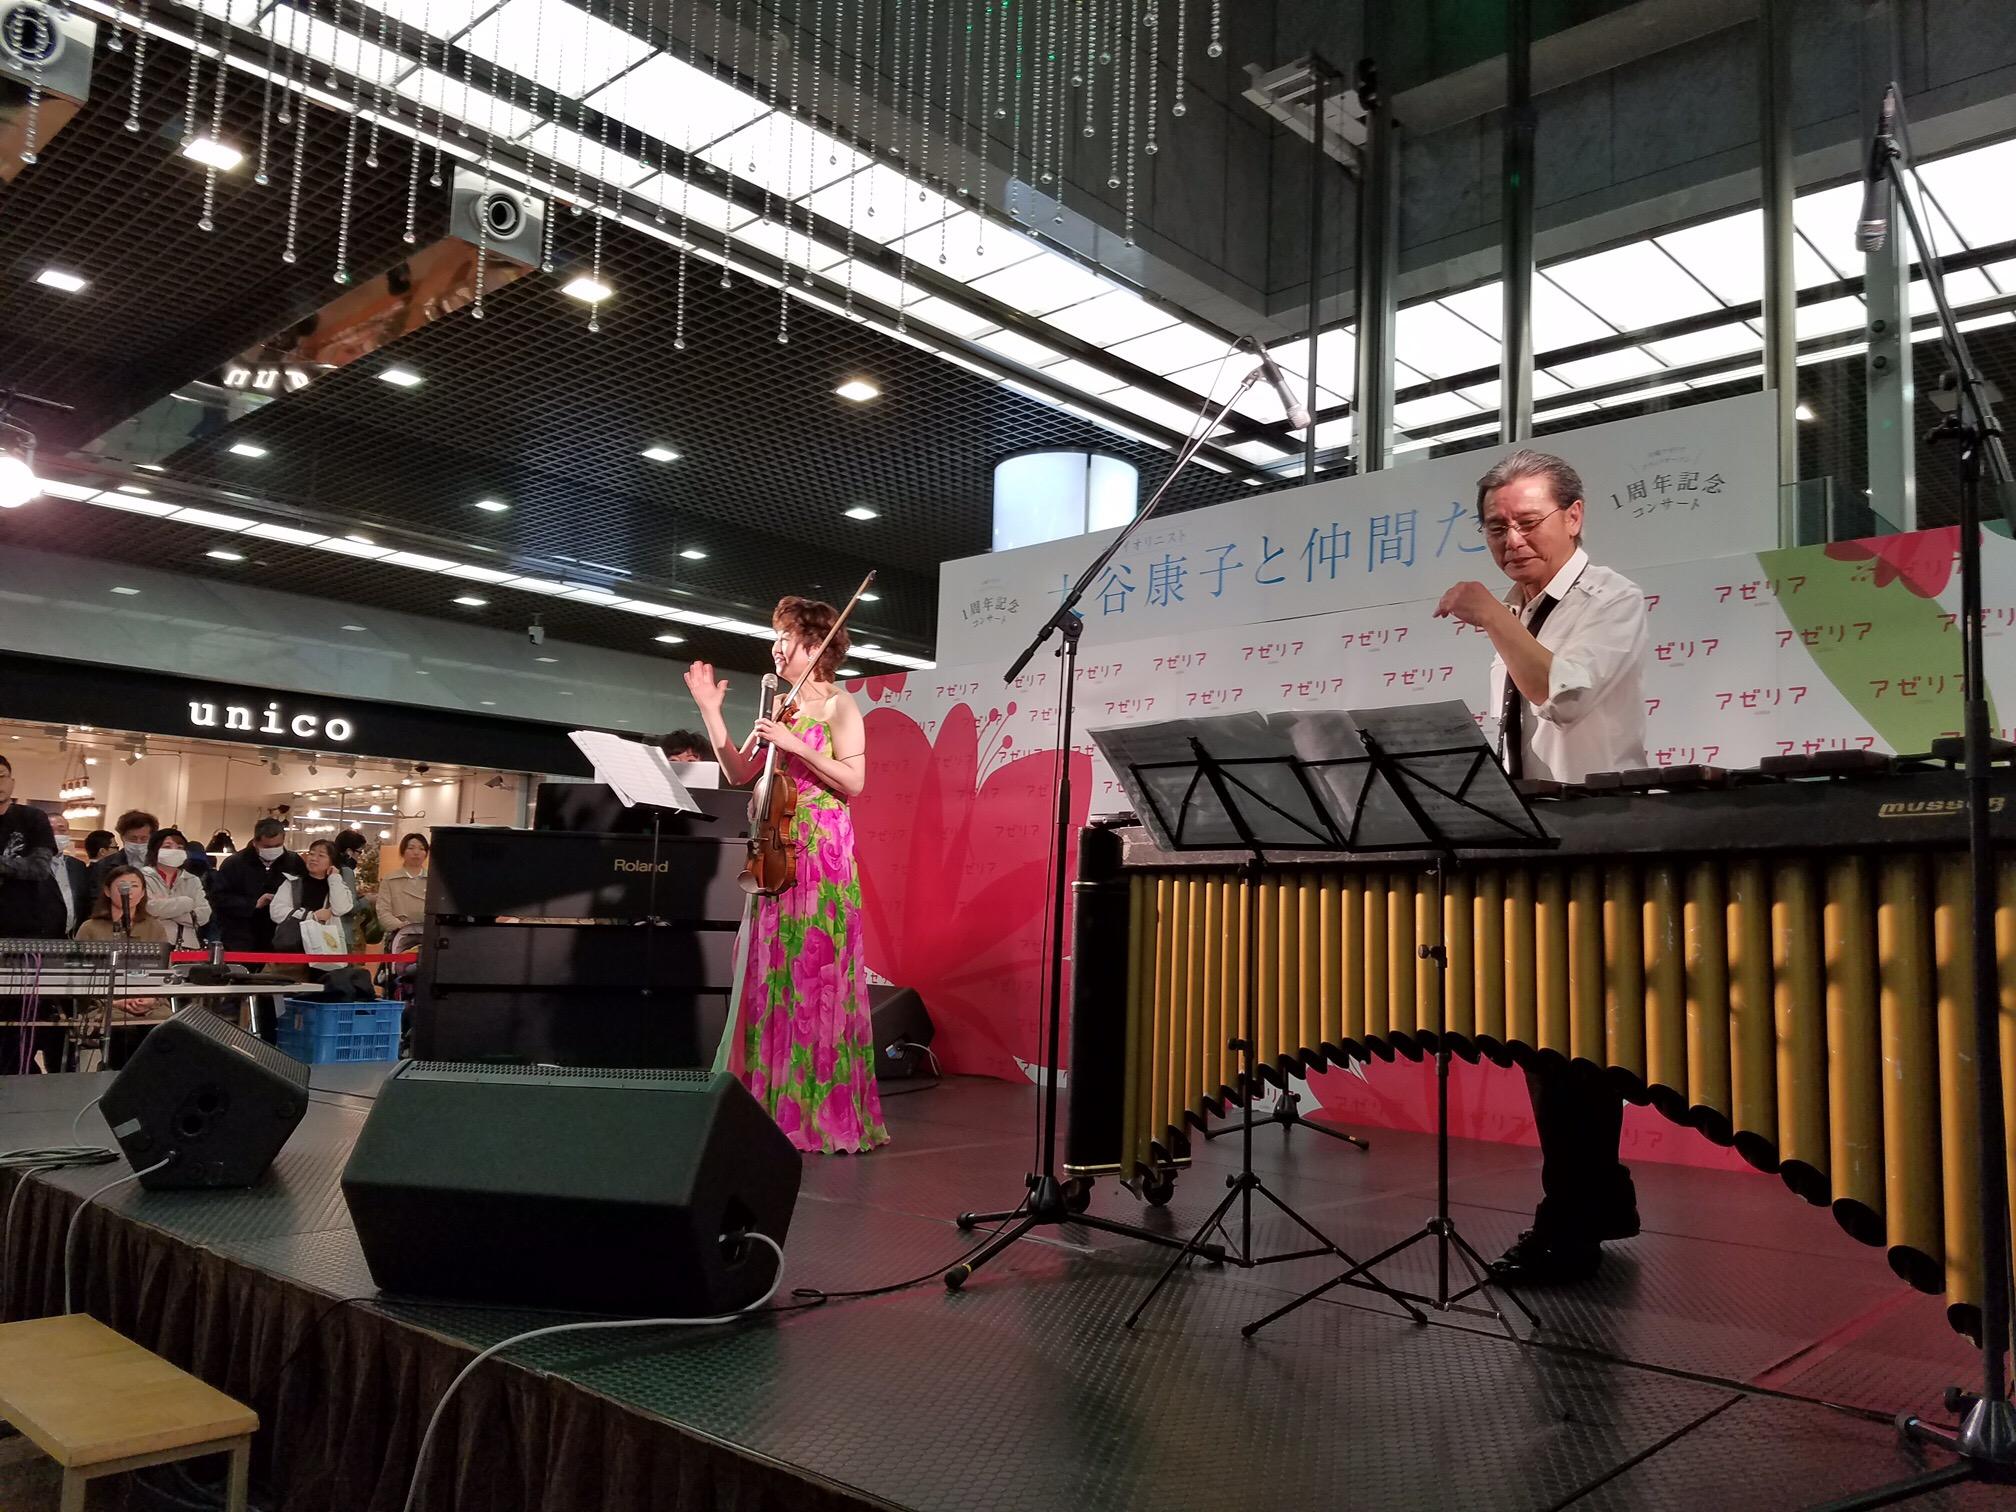 川崎アゼリア リニューアルオープン1周年記念  〈大谷康子と仲間たち〉